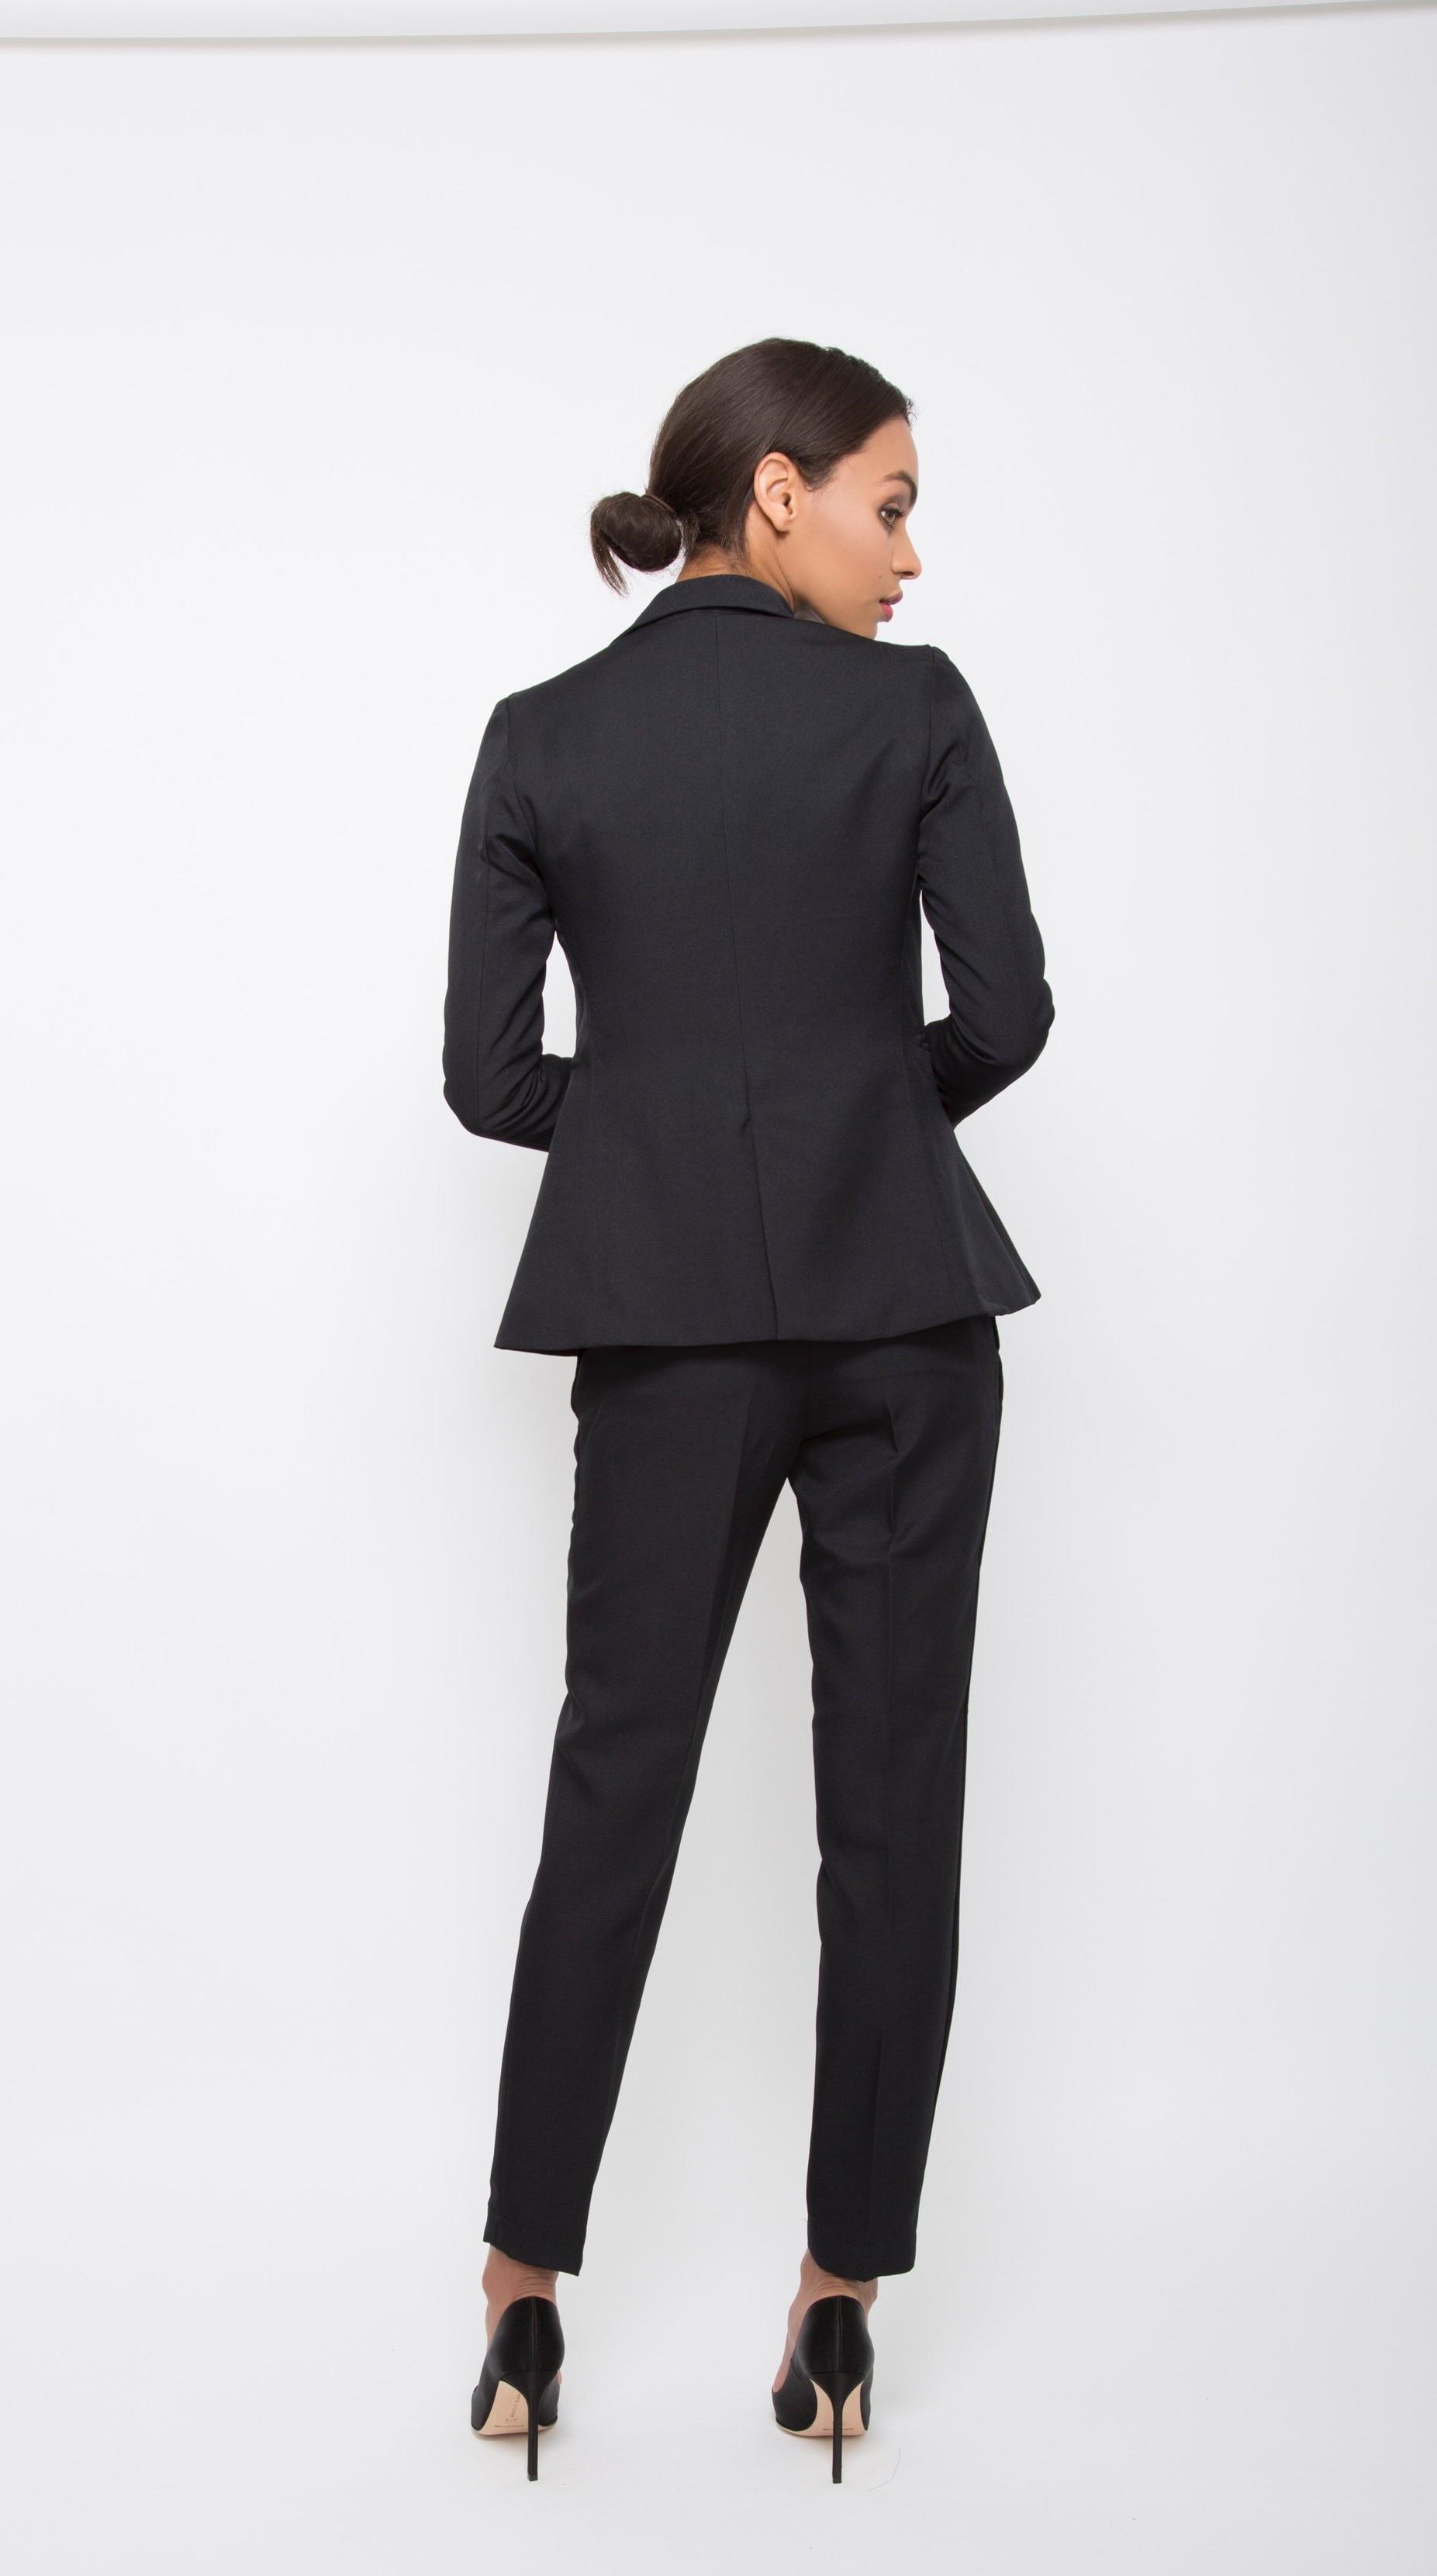 Flatterig Black Pant Suit